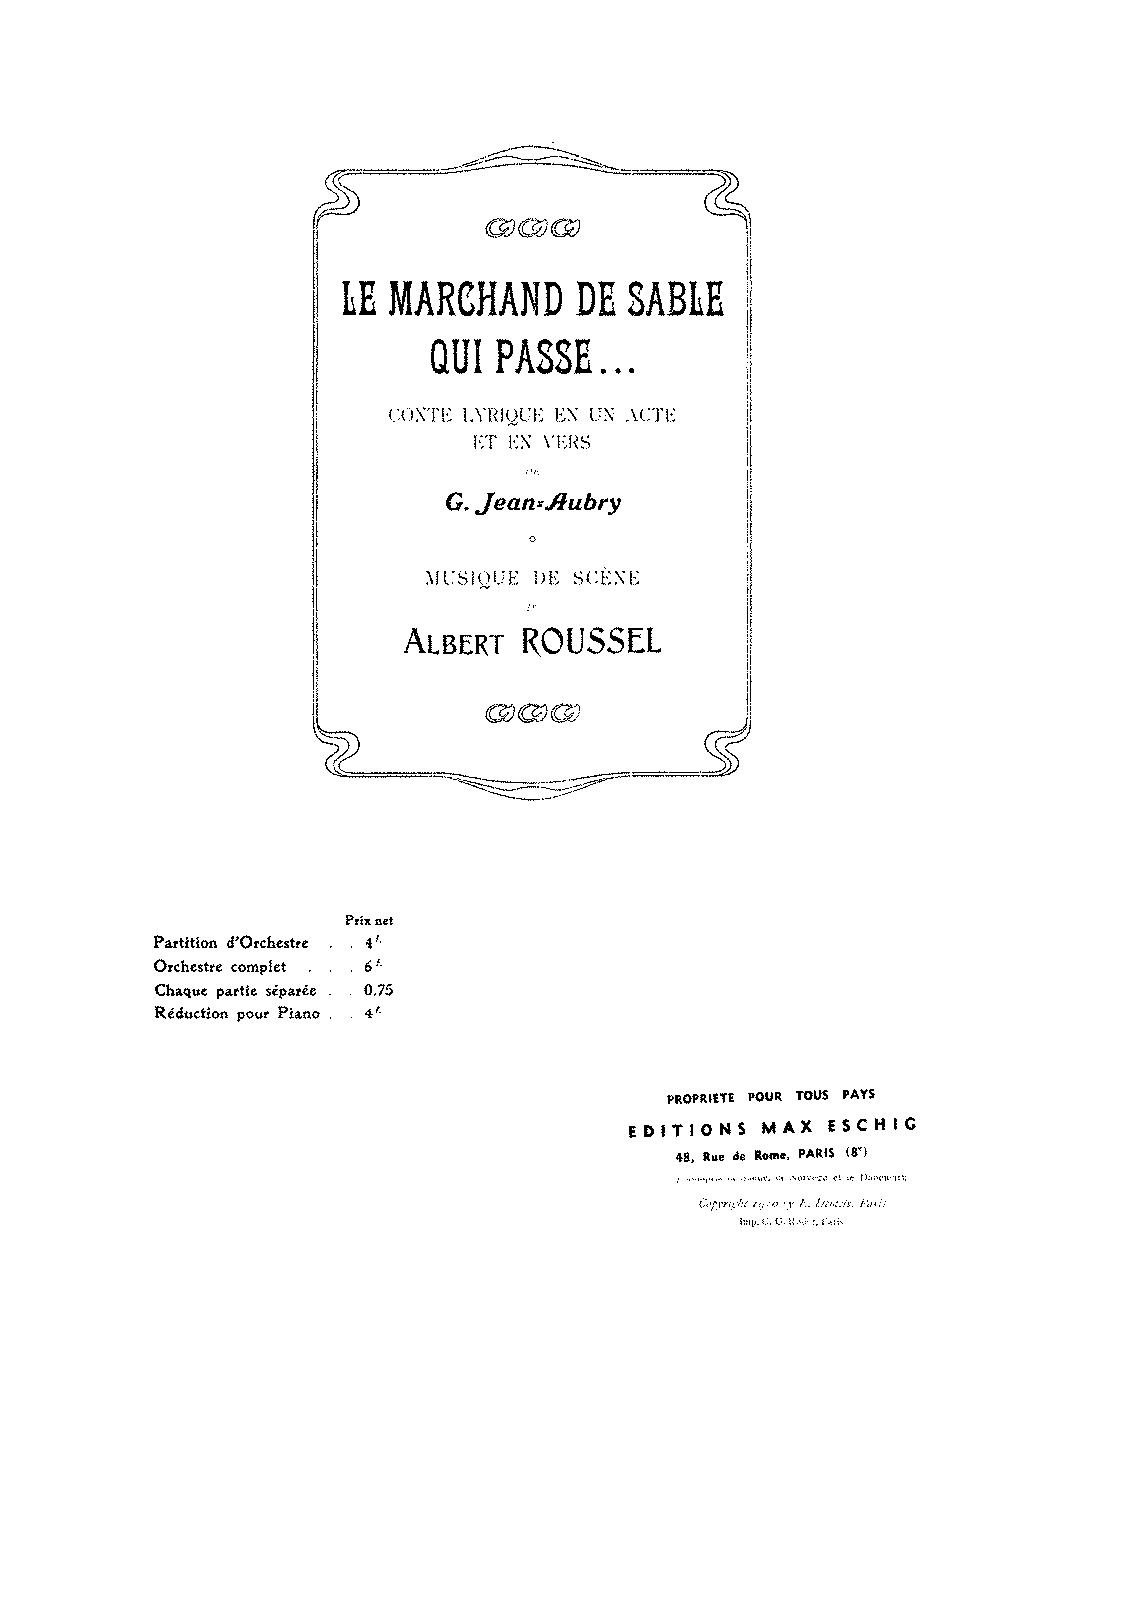 arrangements and transcriptions